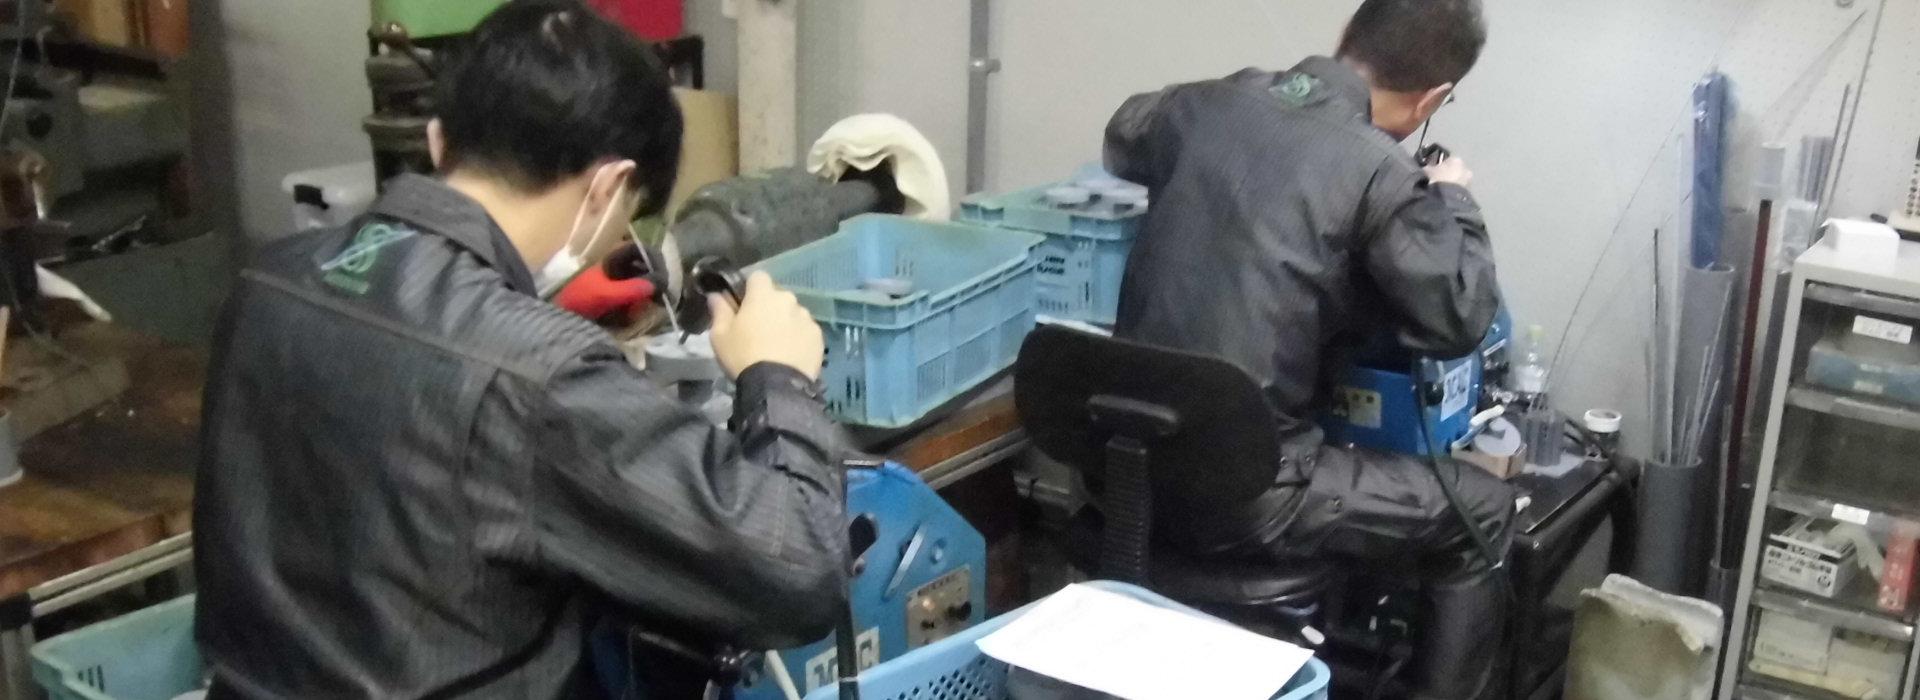 切削加工はもちろん、溶接加工・接着加工・曲げ加工など様々な樹脂加工もしっかり対応